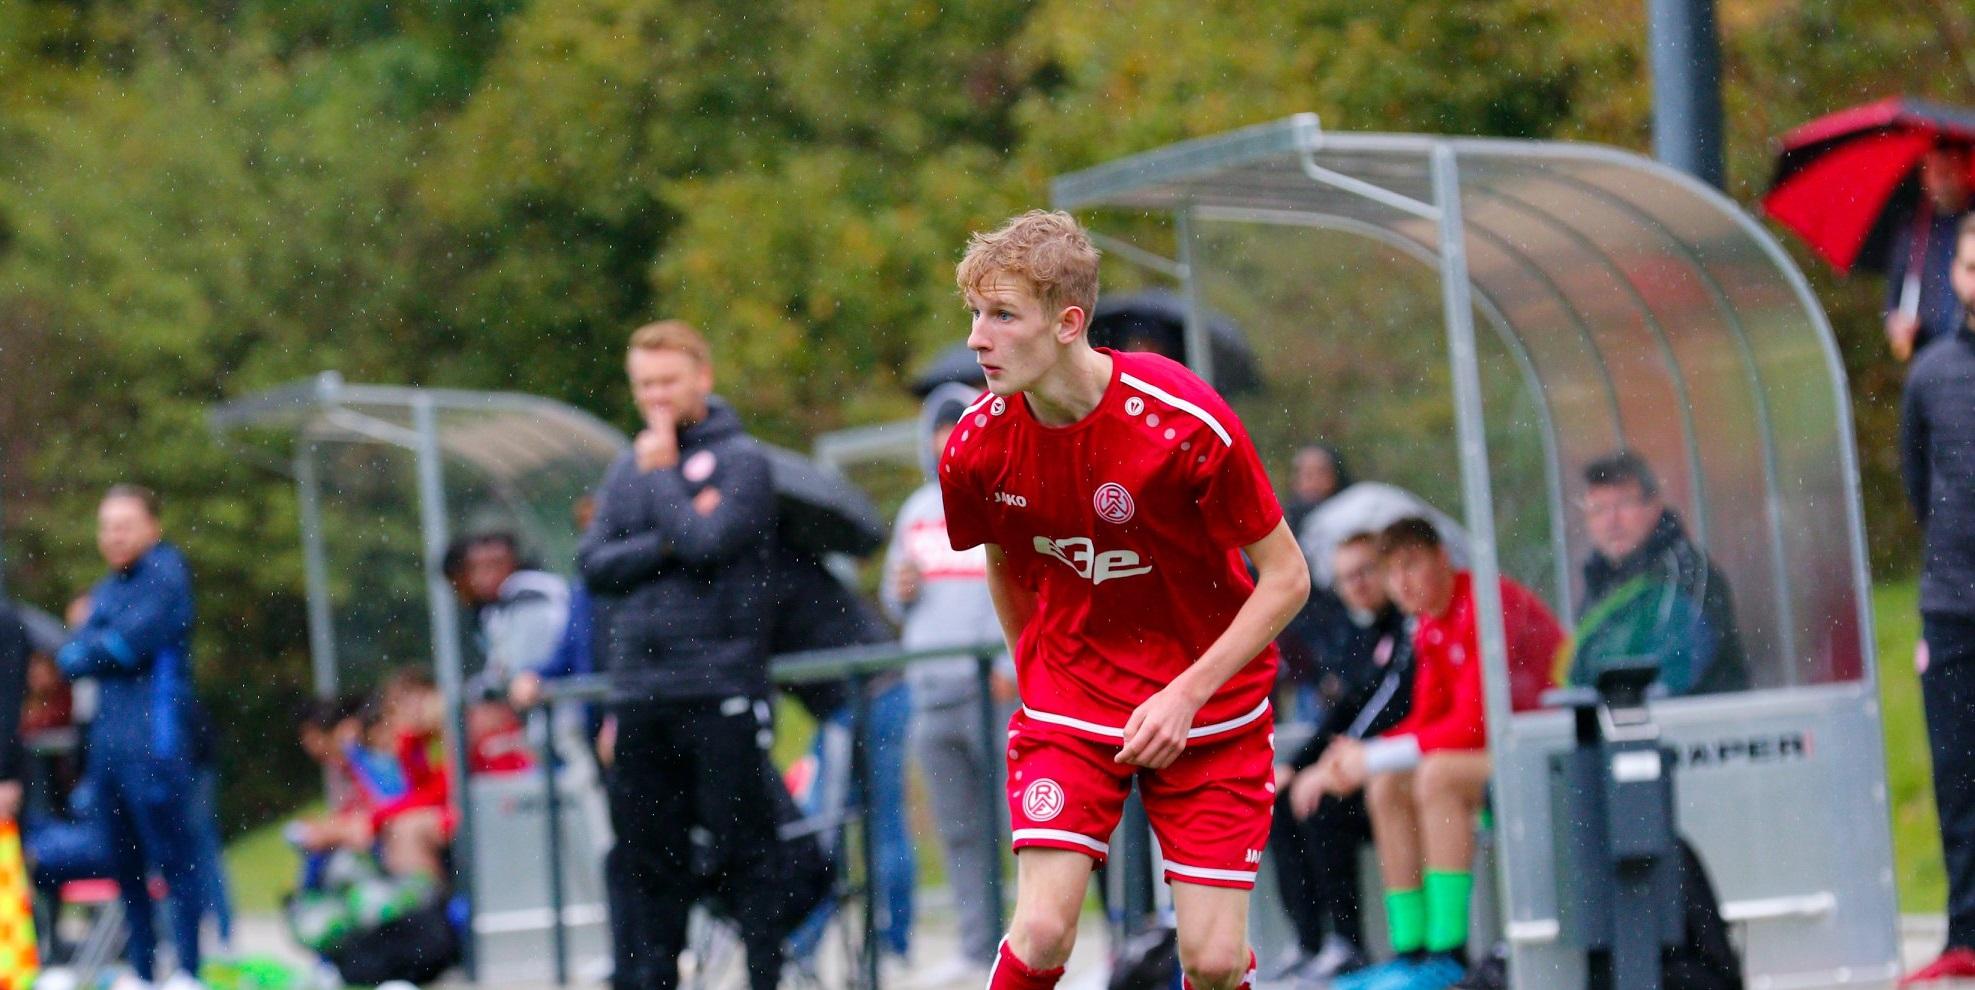 Die U17 spielt am Wochenende das Stadtderby gegen ETB (Foto: Breilmannswiese)